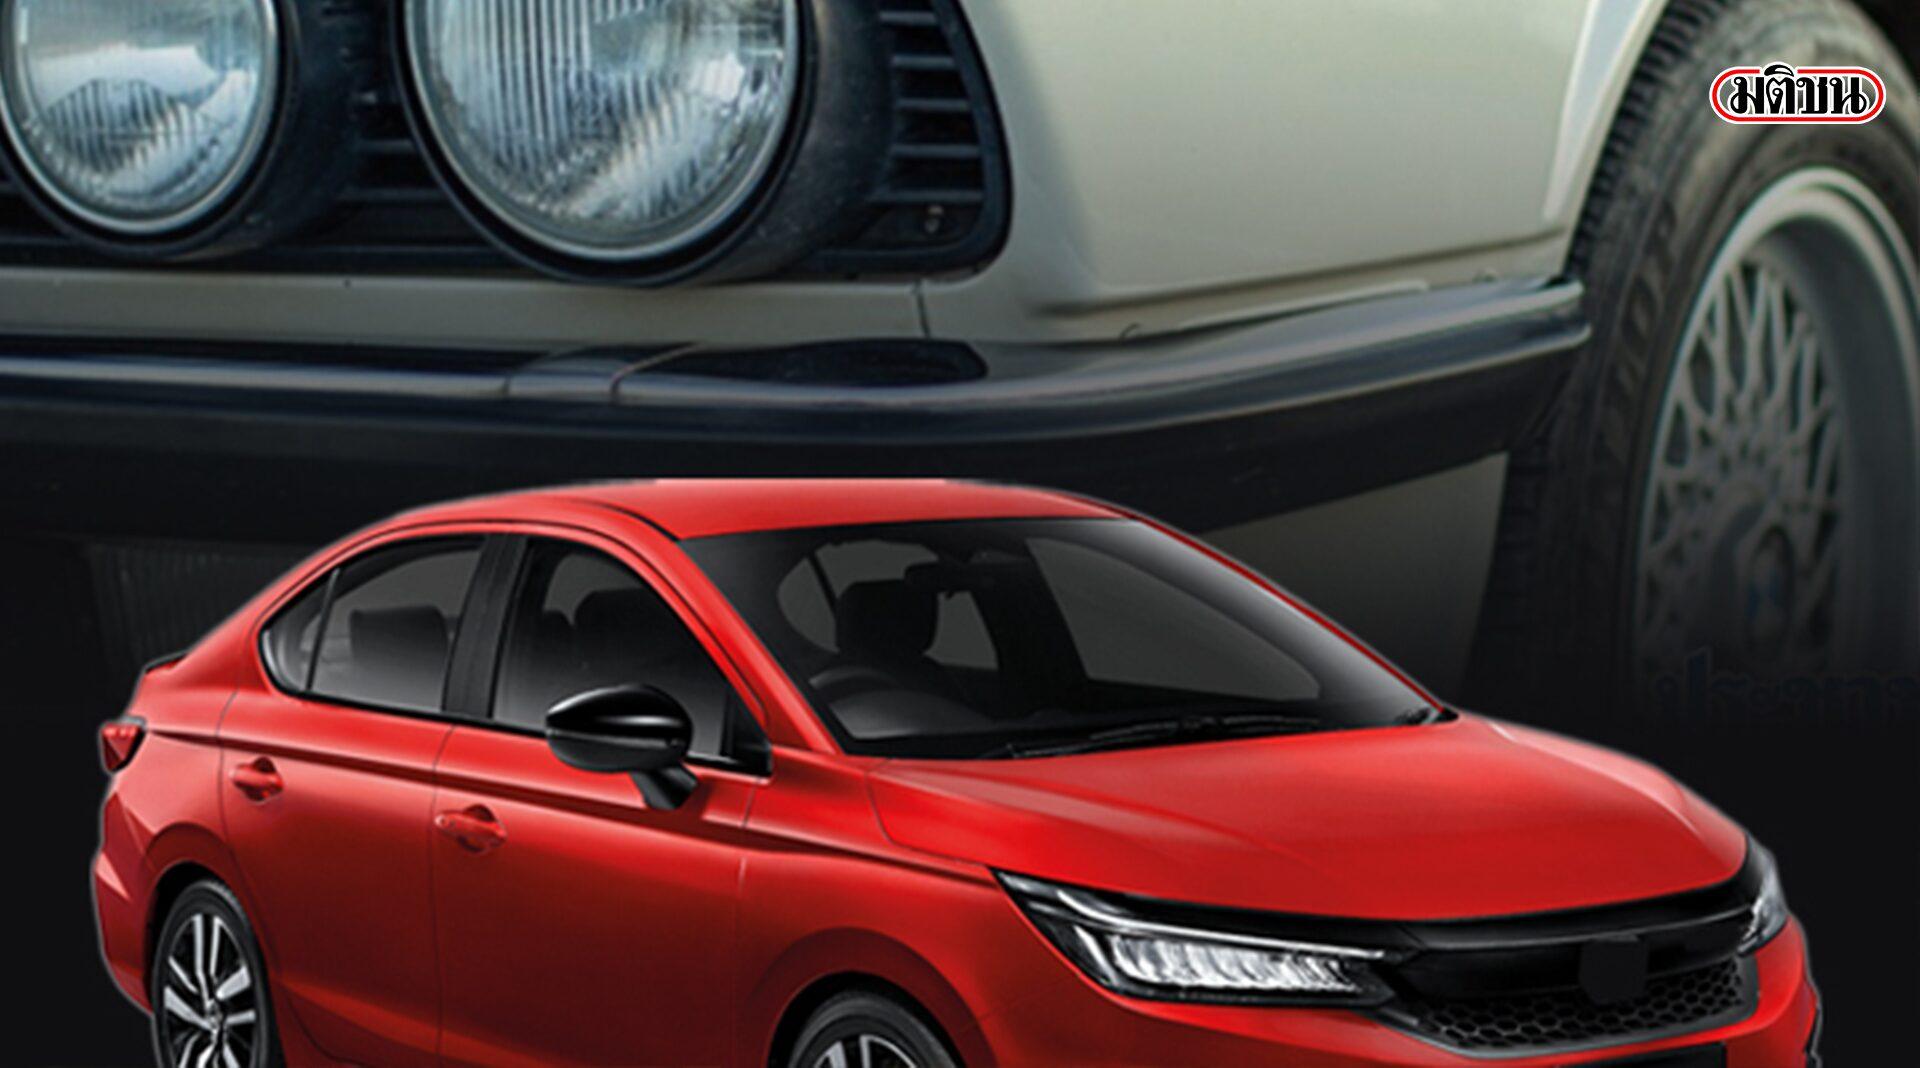 ฟังความเห็น 'รถเก่า' แลก 'รถใหม่' ของขวัญปีใหม่